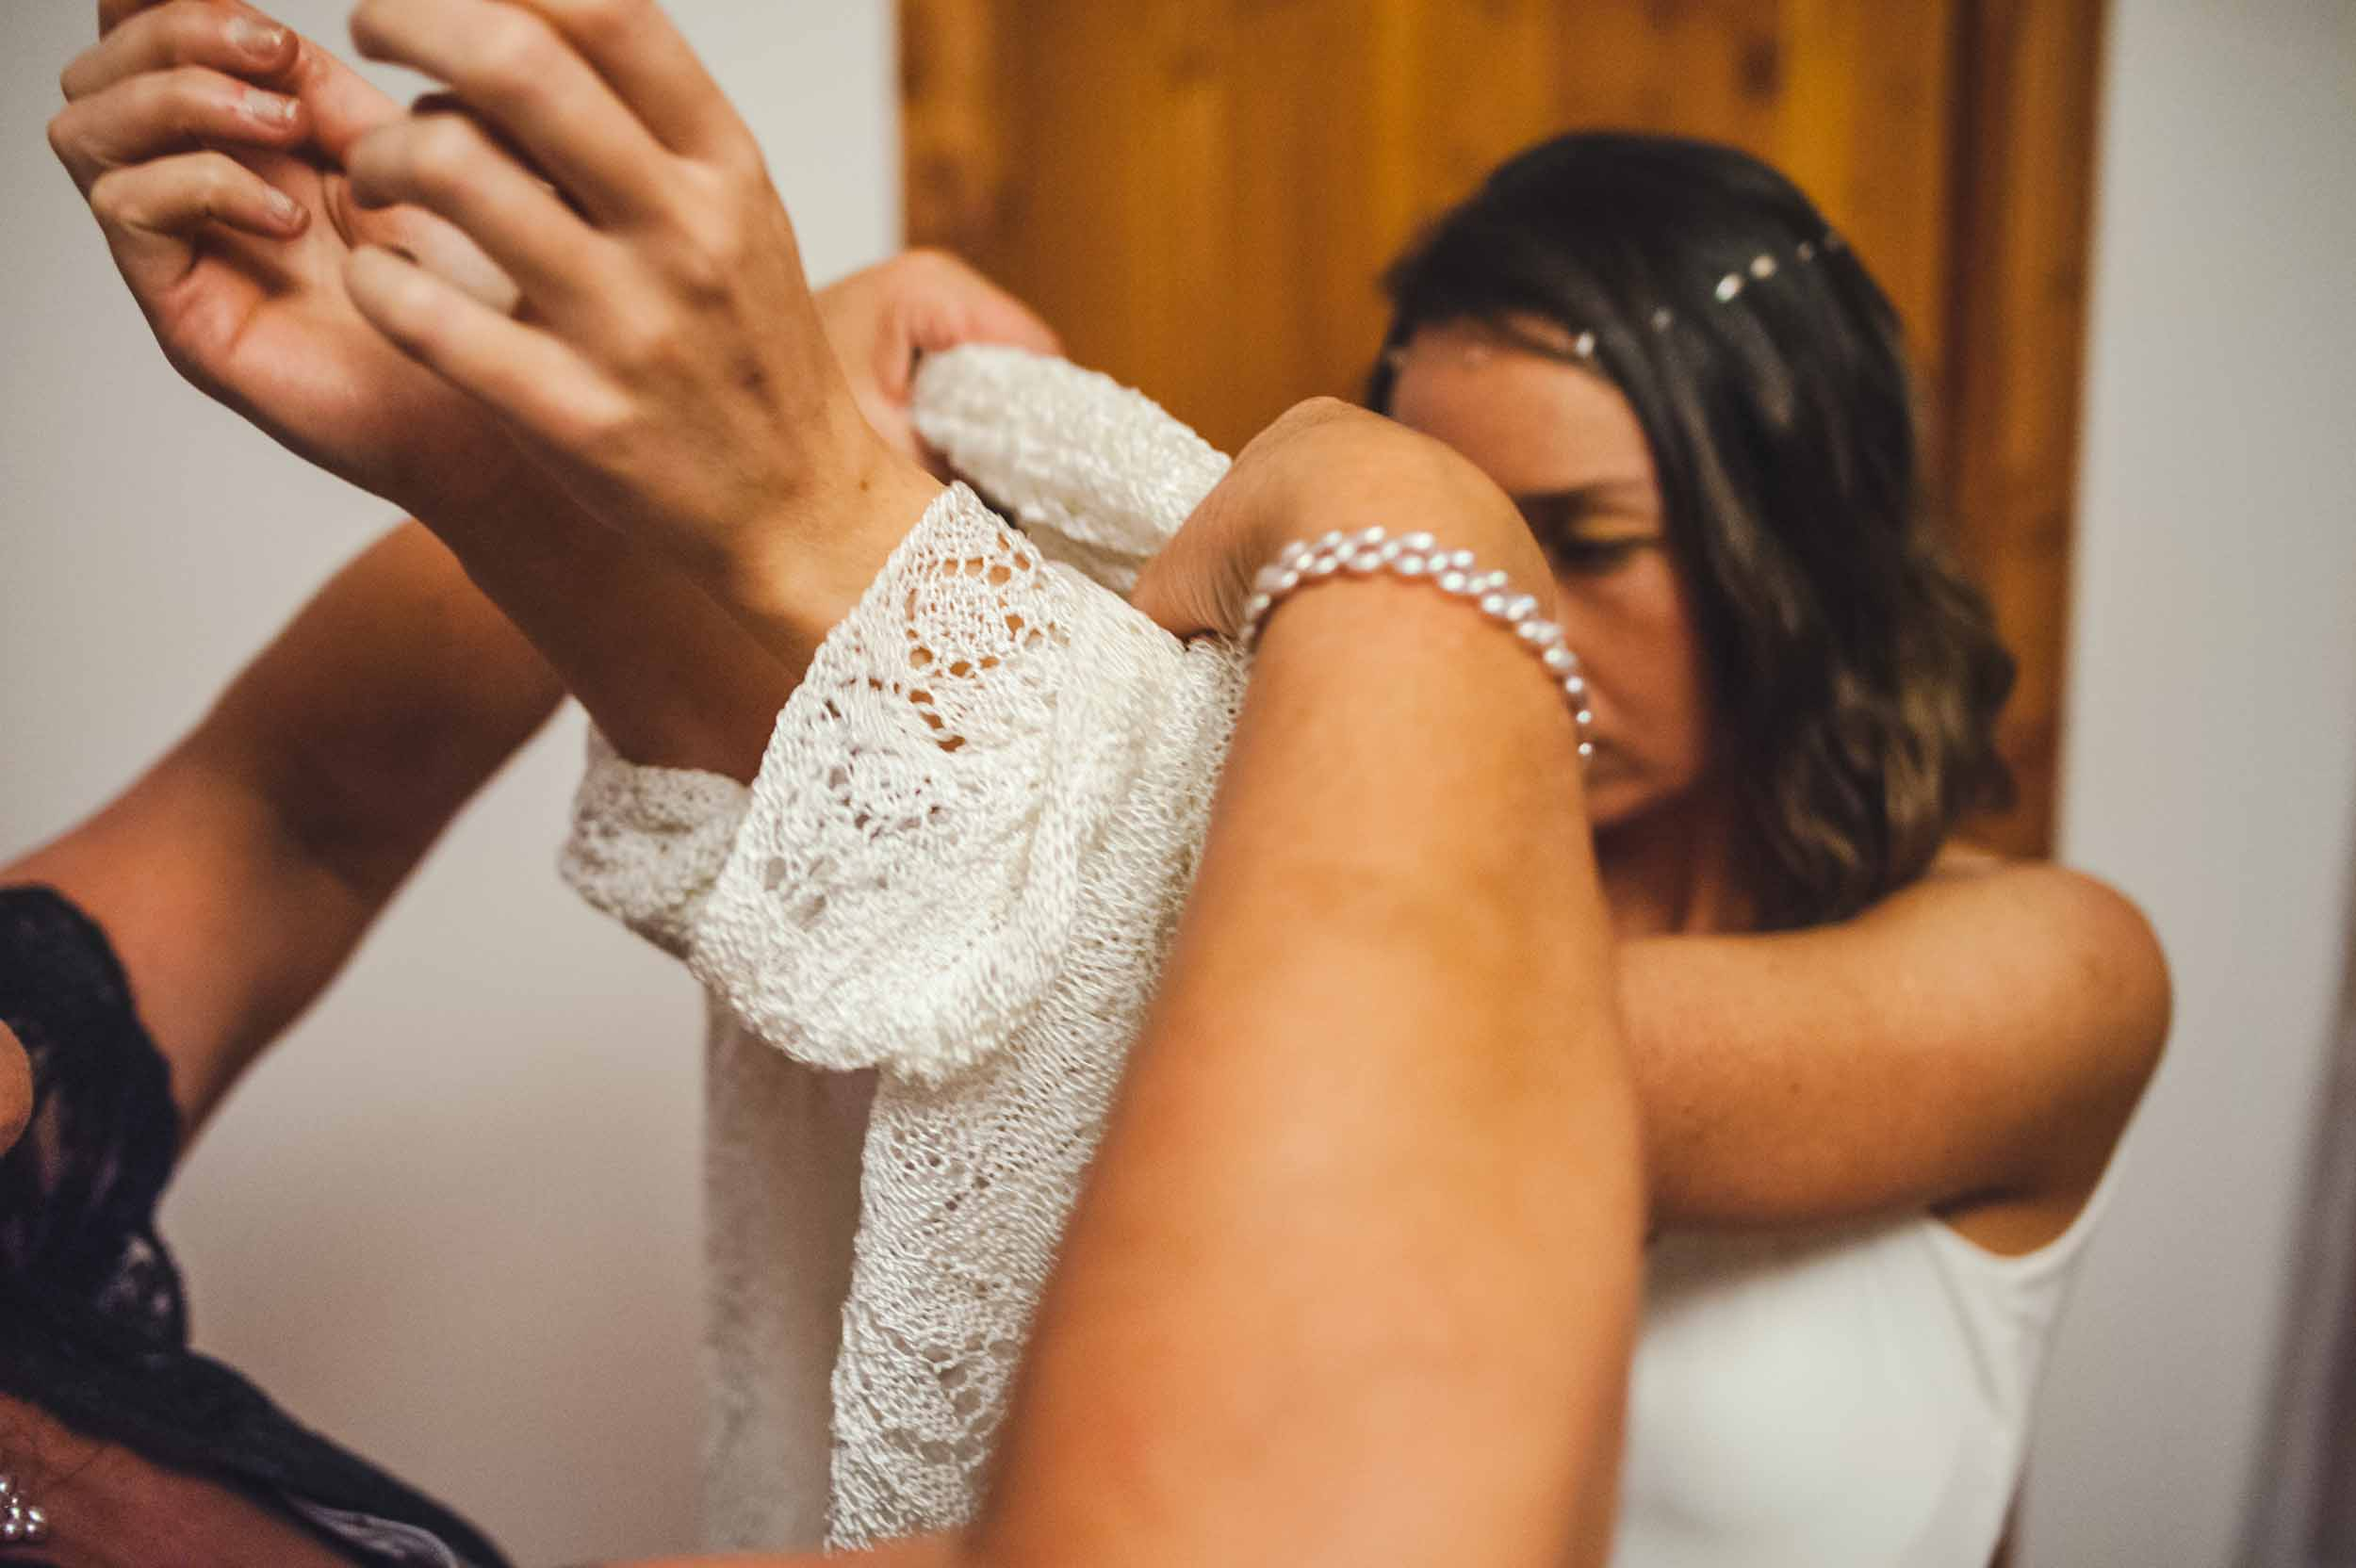 matrimonio en frutilla puerto varas sur de chile